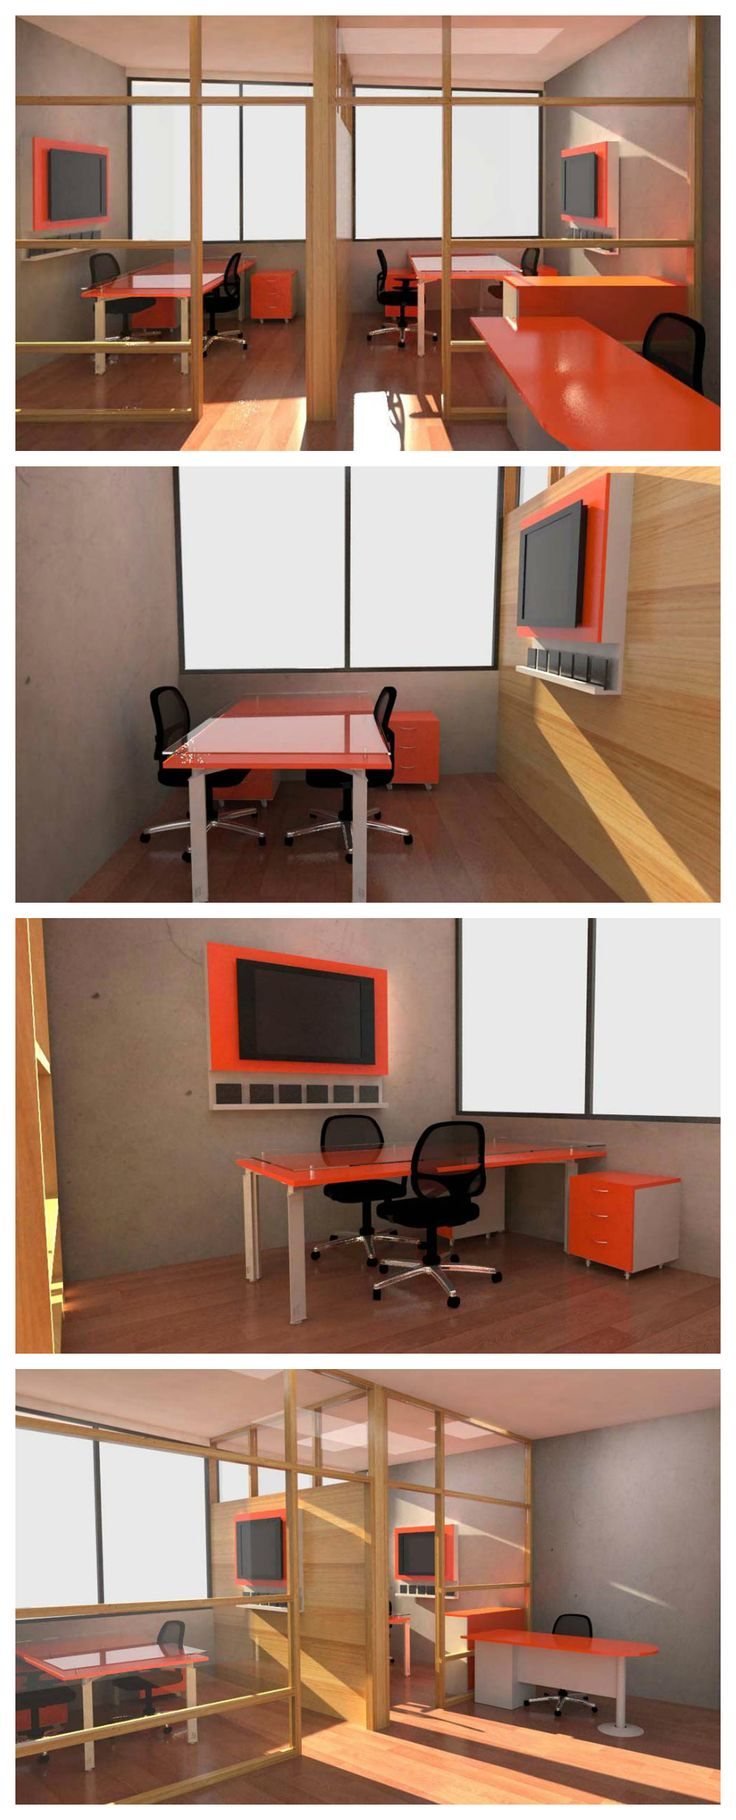 unico office chair. Propuesta De Mobiliario Para Oficinas ASUMIN, Con Estaciones Y Gabinetes En Tonos Naranjos Contrastes Unico Office Chair